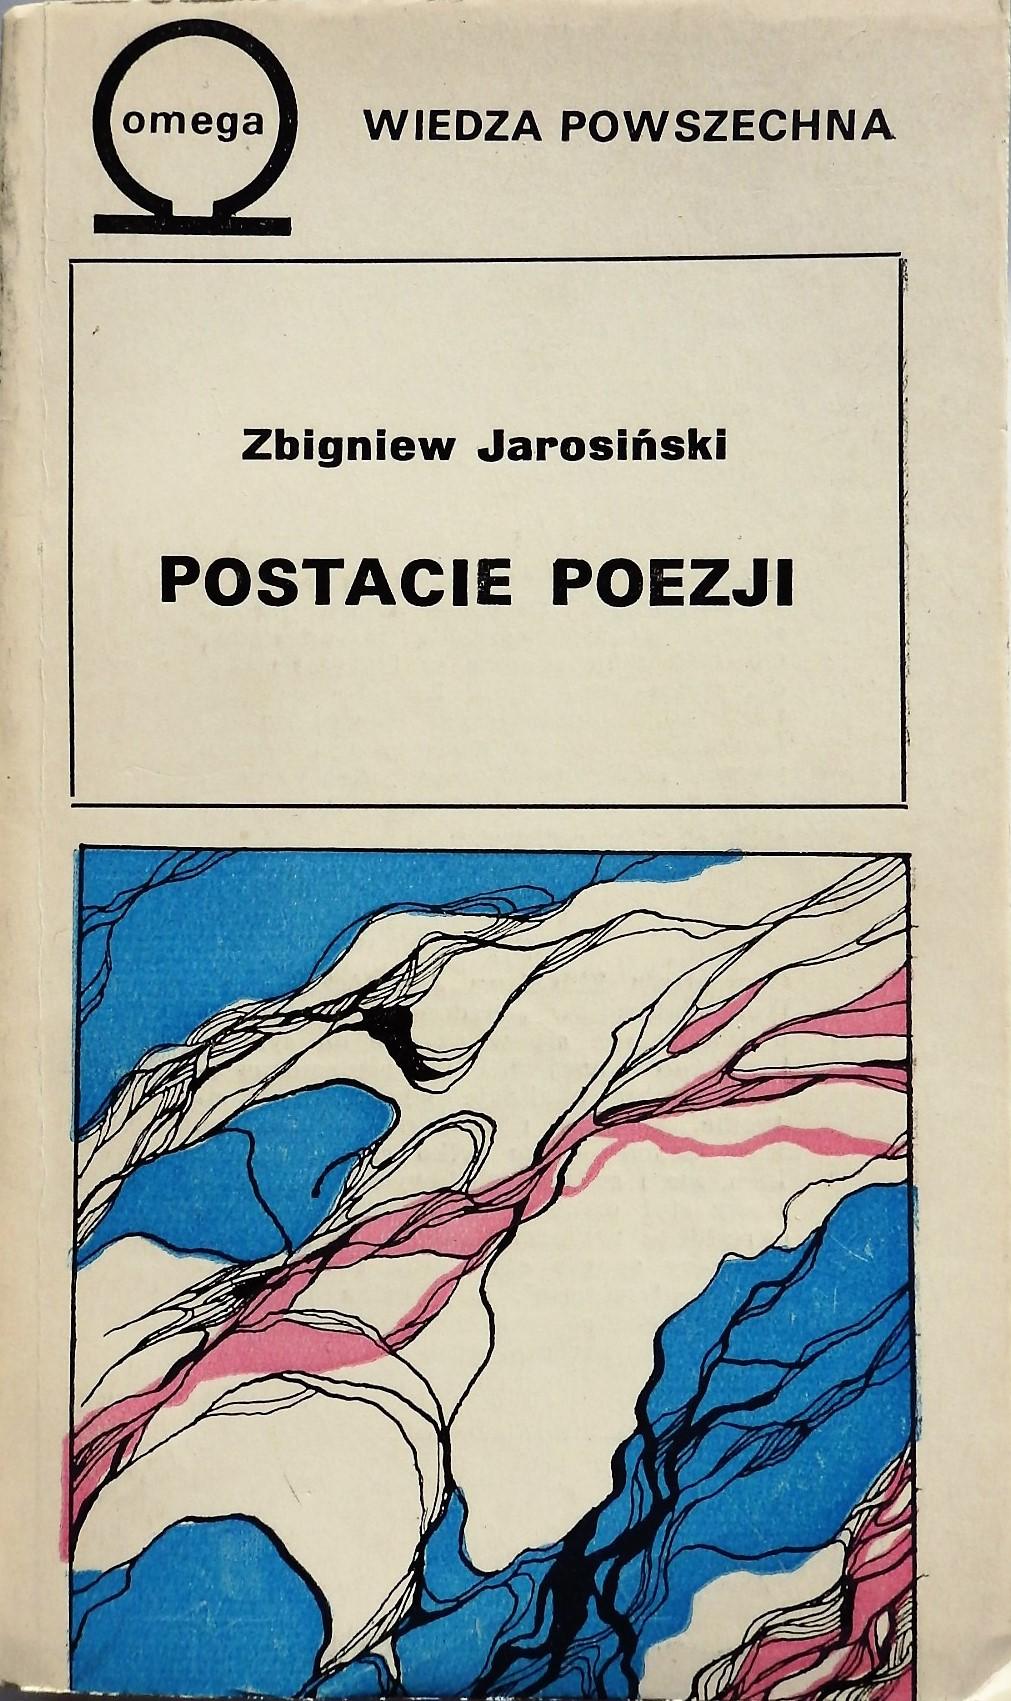 Znalezione obrazy dla zapytania Zbigniew Jarosiński Postacie poezji